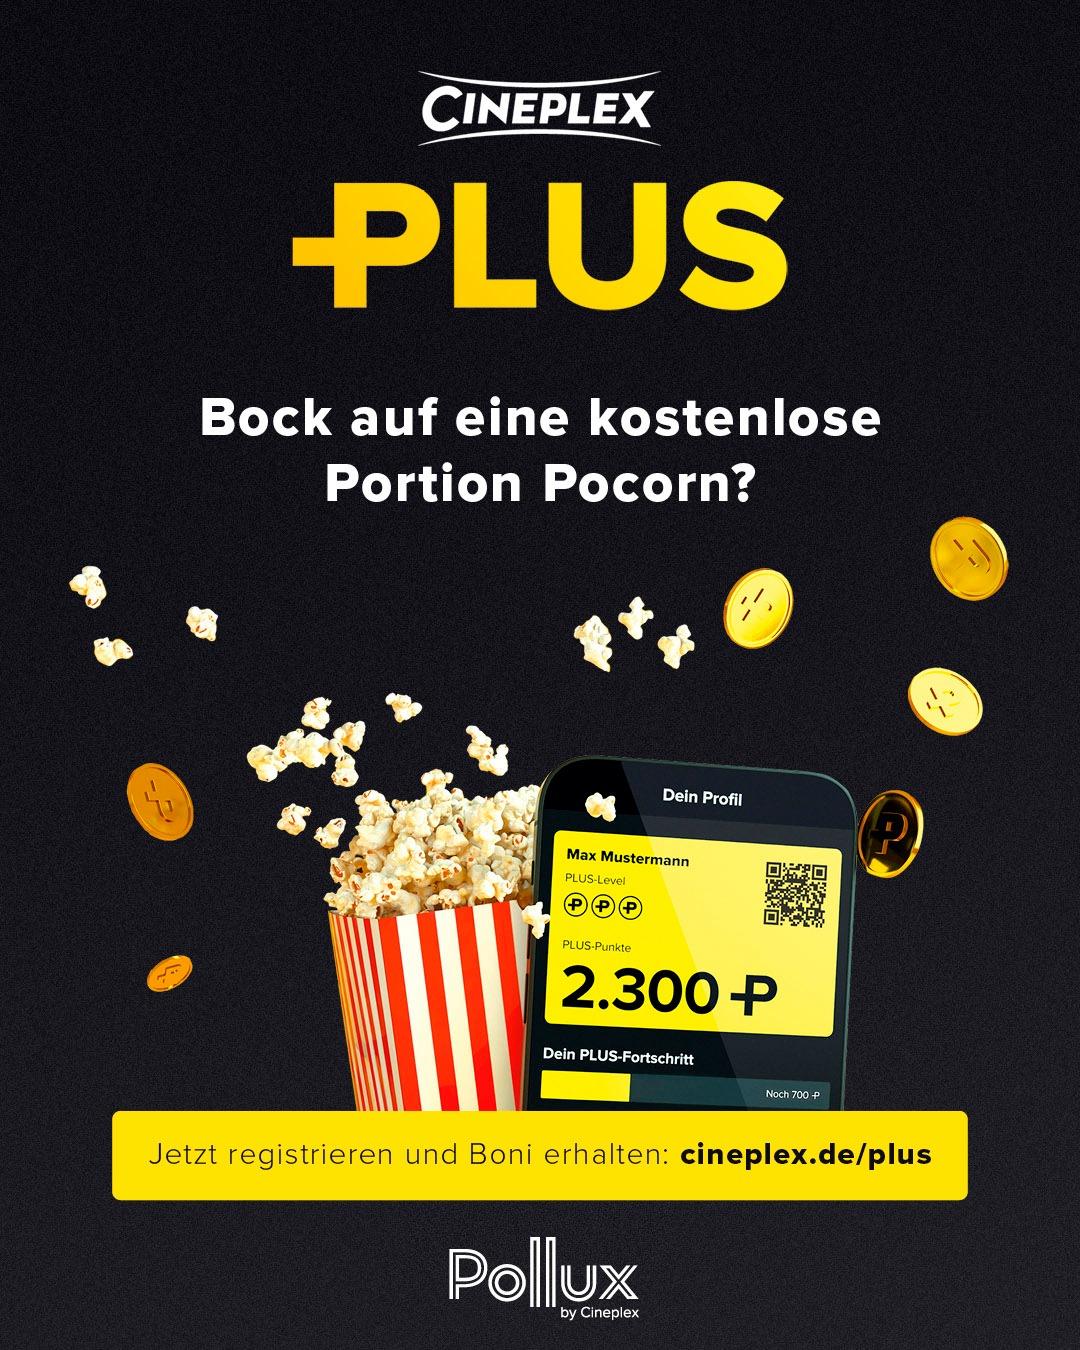 [Cineplex] Gratis Popcorn in Cineplex Kinos durch Bonusprogramm